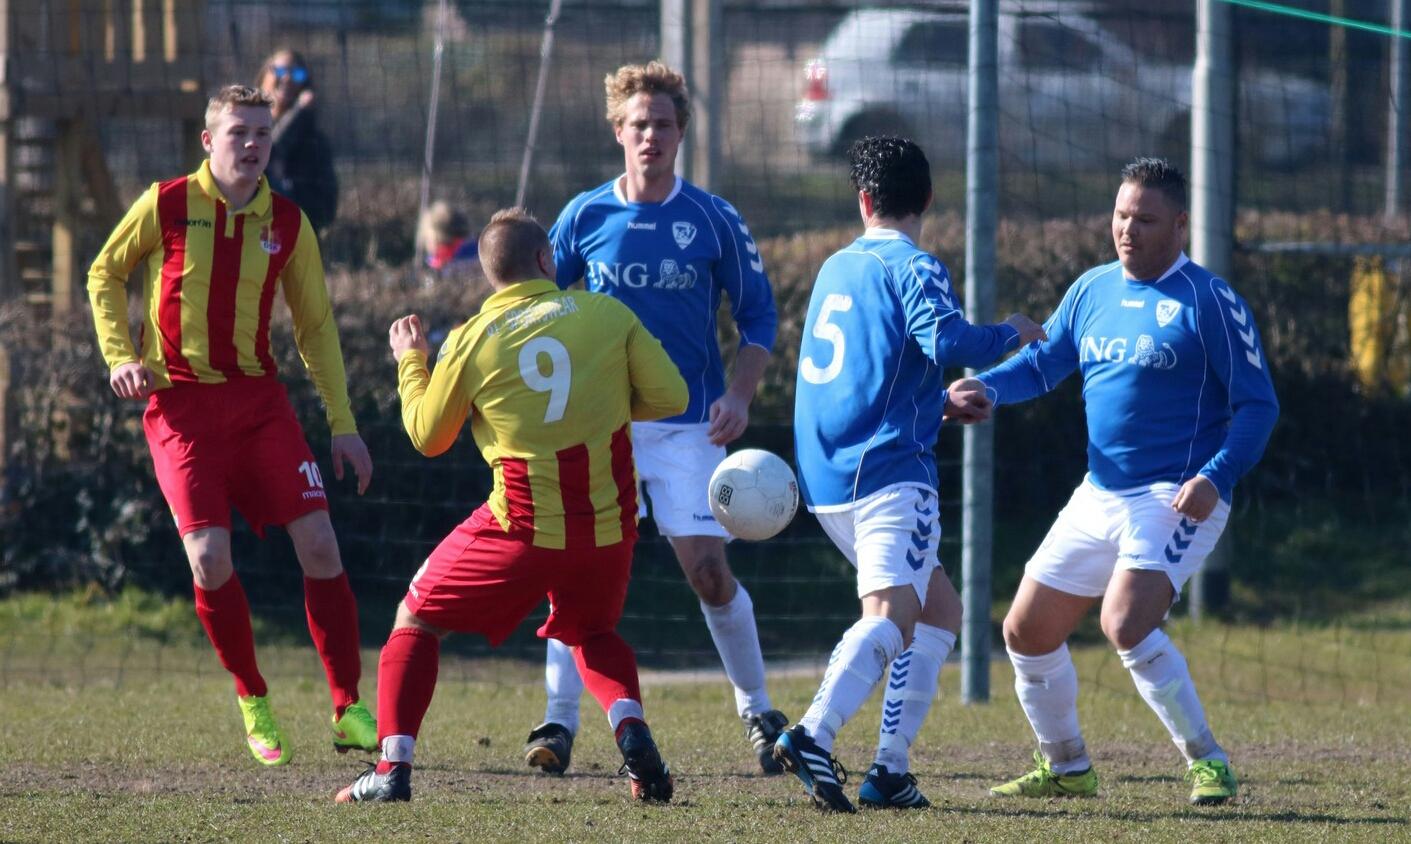 Terrasvogels - DSK - Voetbal in Haarlem